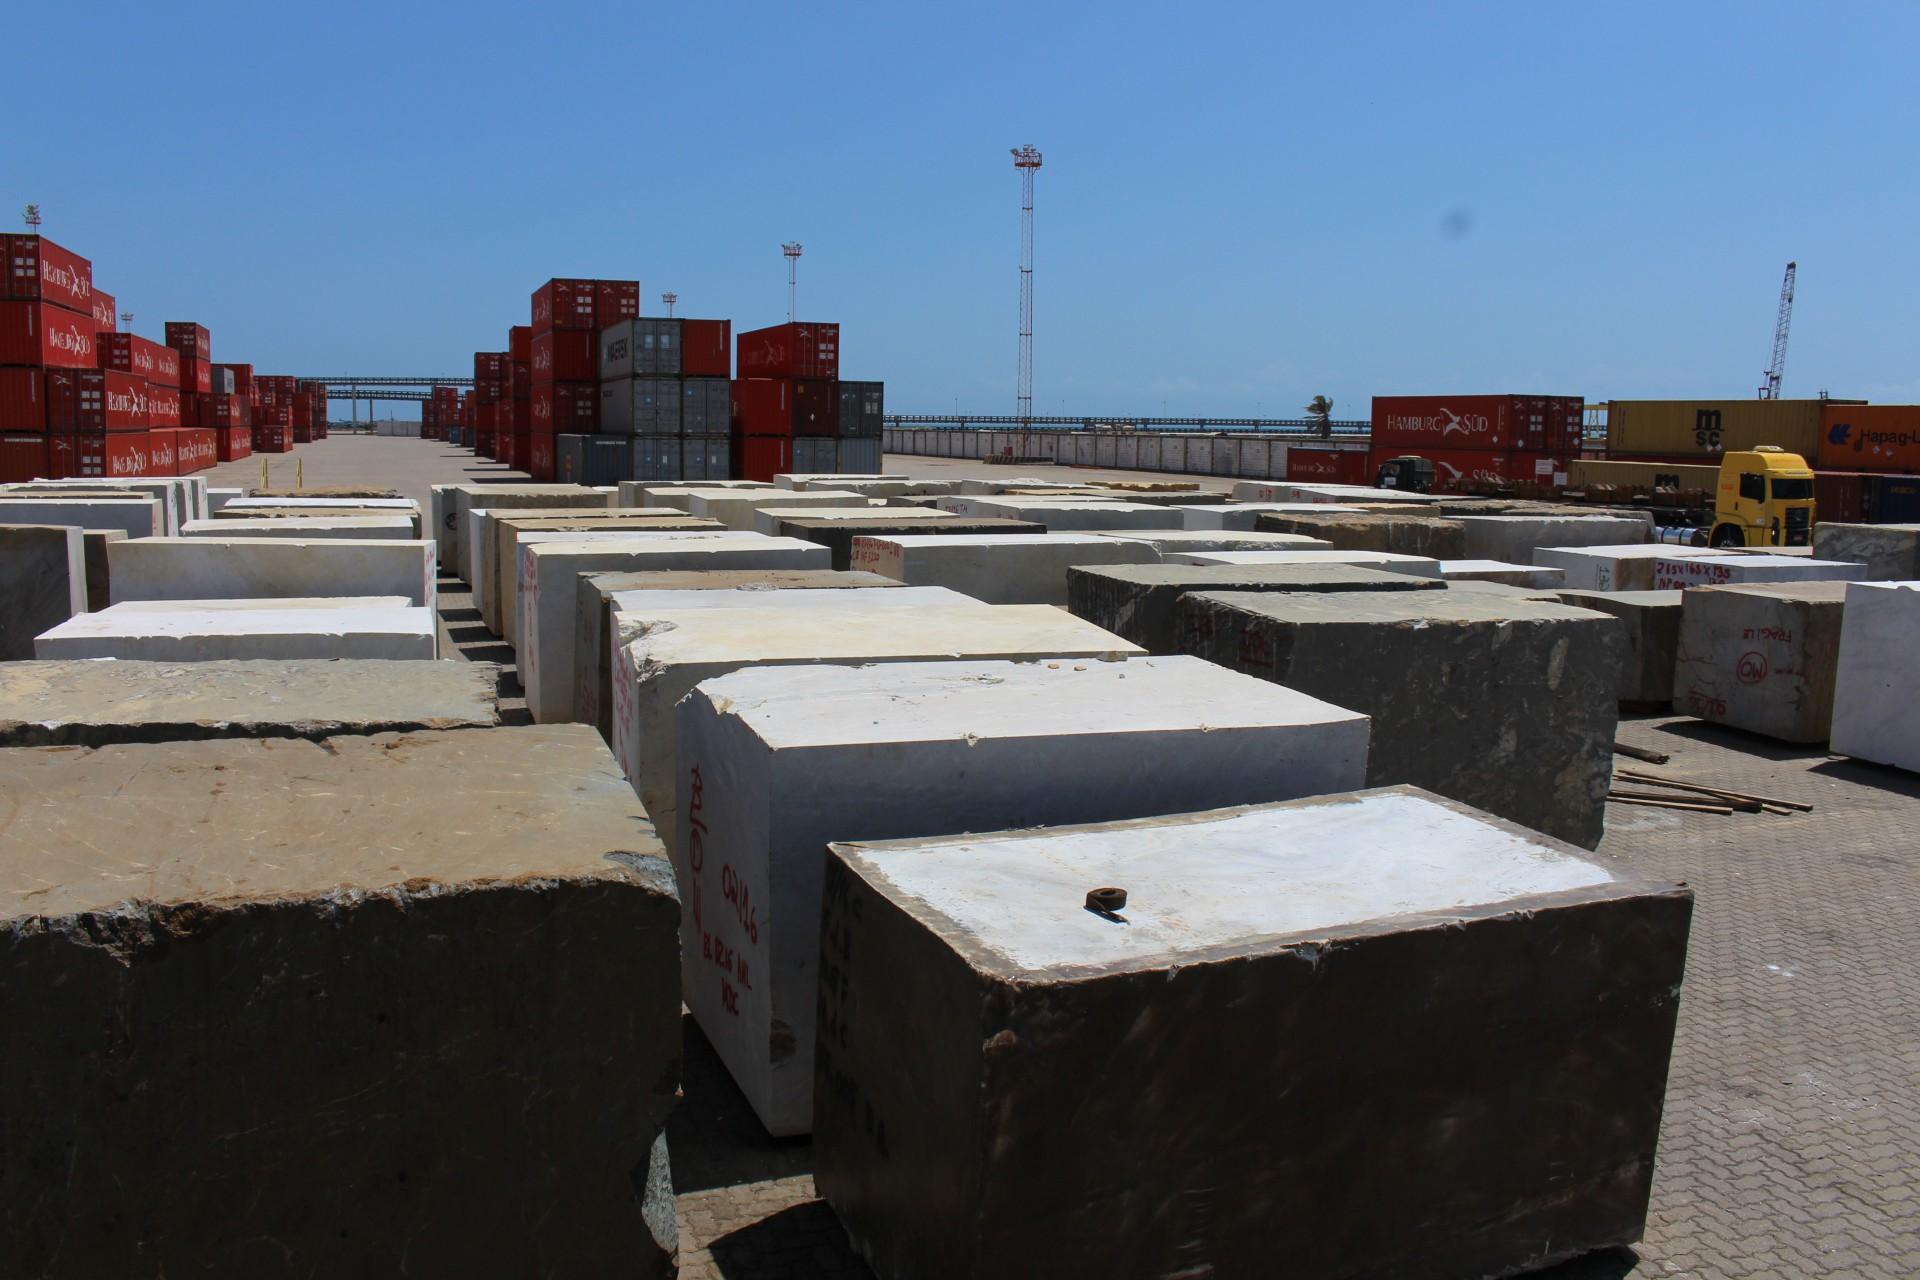 Embarque de rochas ornamentais extraídas no Ceará pelo Porto do Pecém